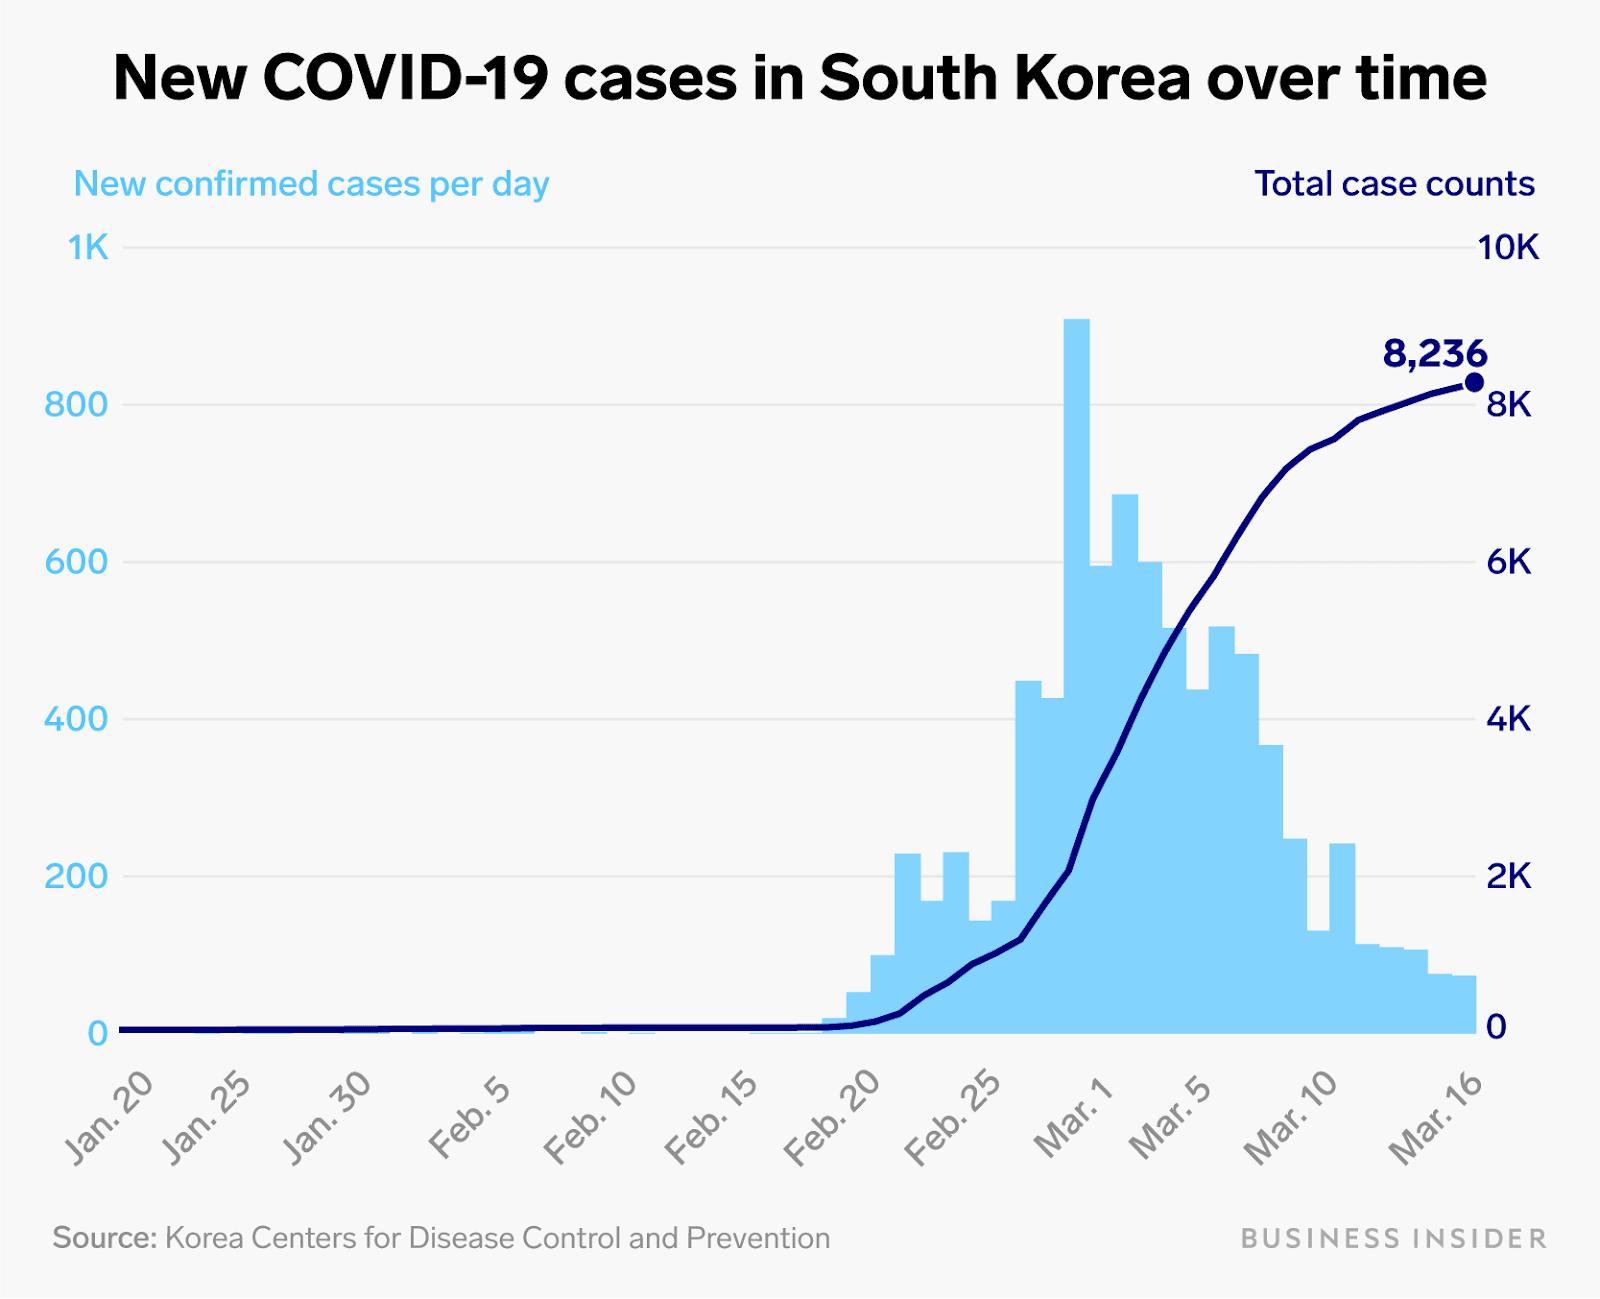 Nuevos casos de COVID-19 en Corea del Sur a lo largo del tiempo.